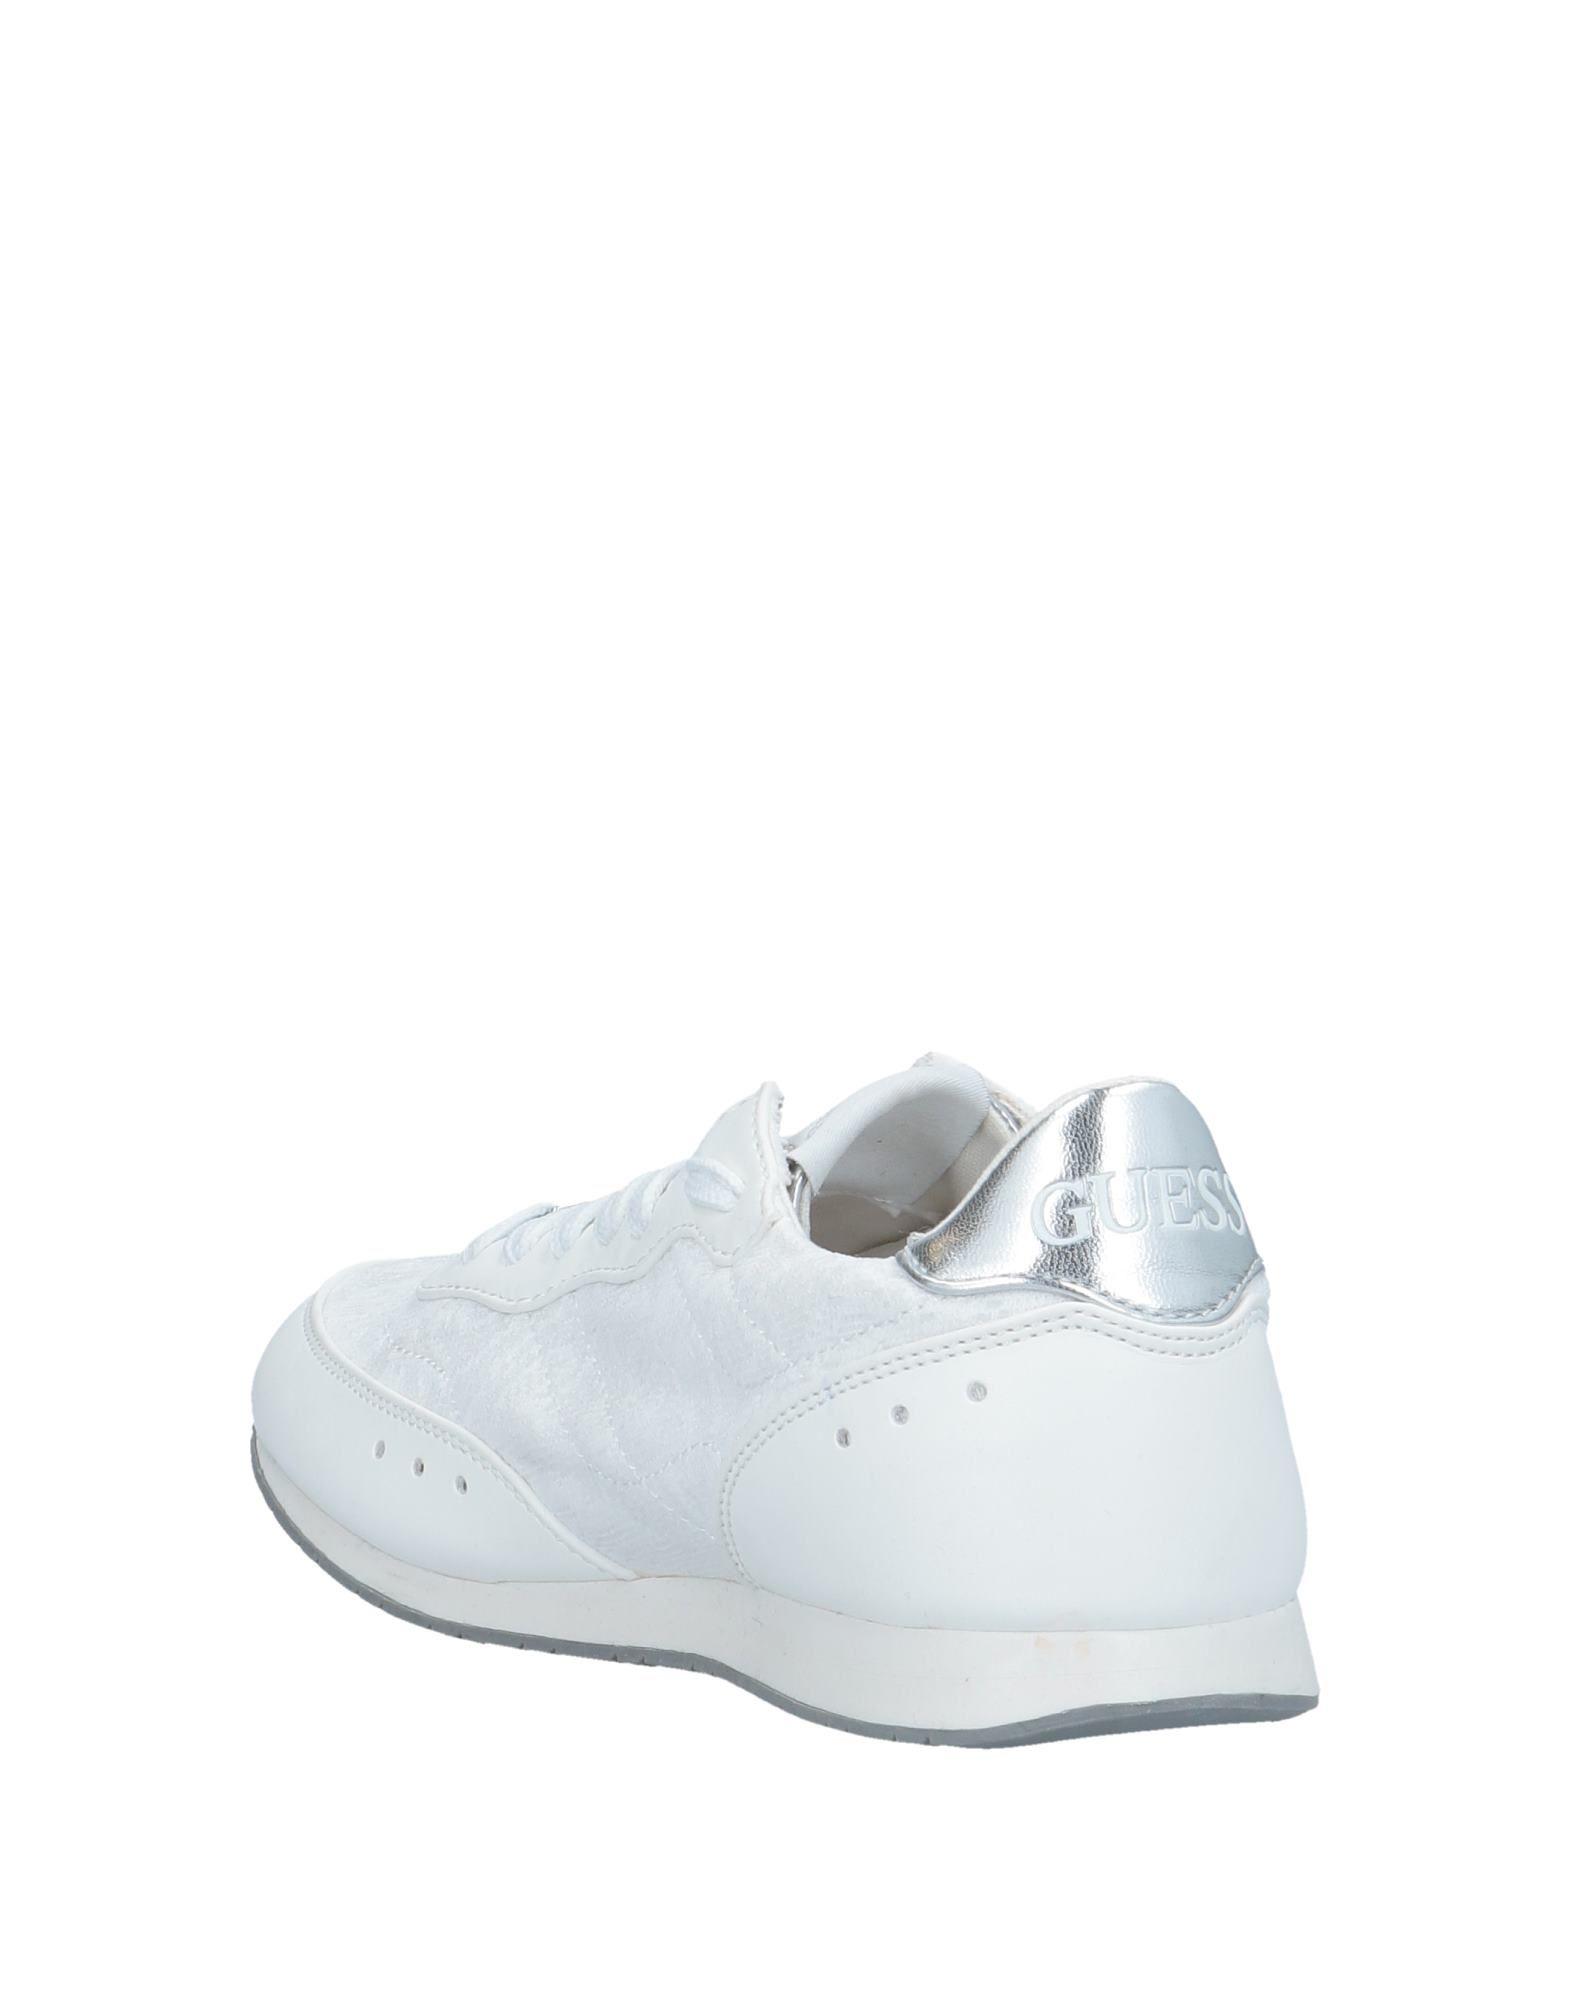 Guess Sneakers Sneakers Guess Damen  11521550OD e116ce